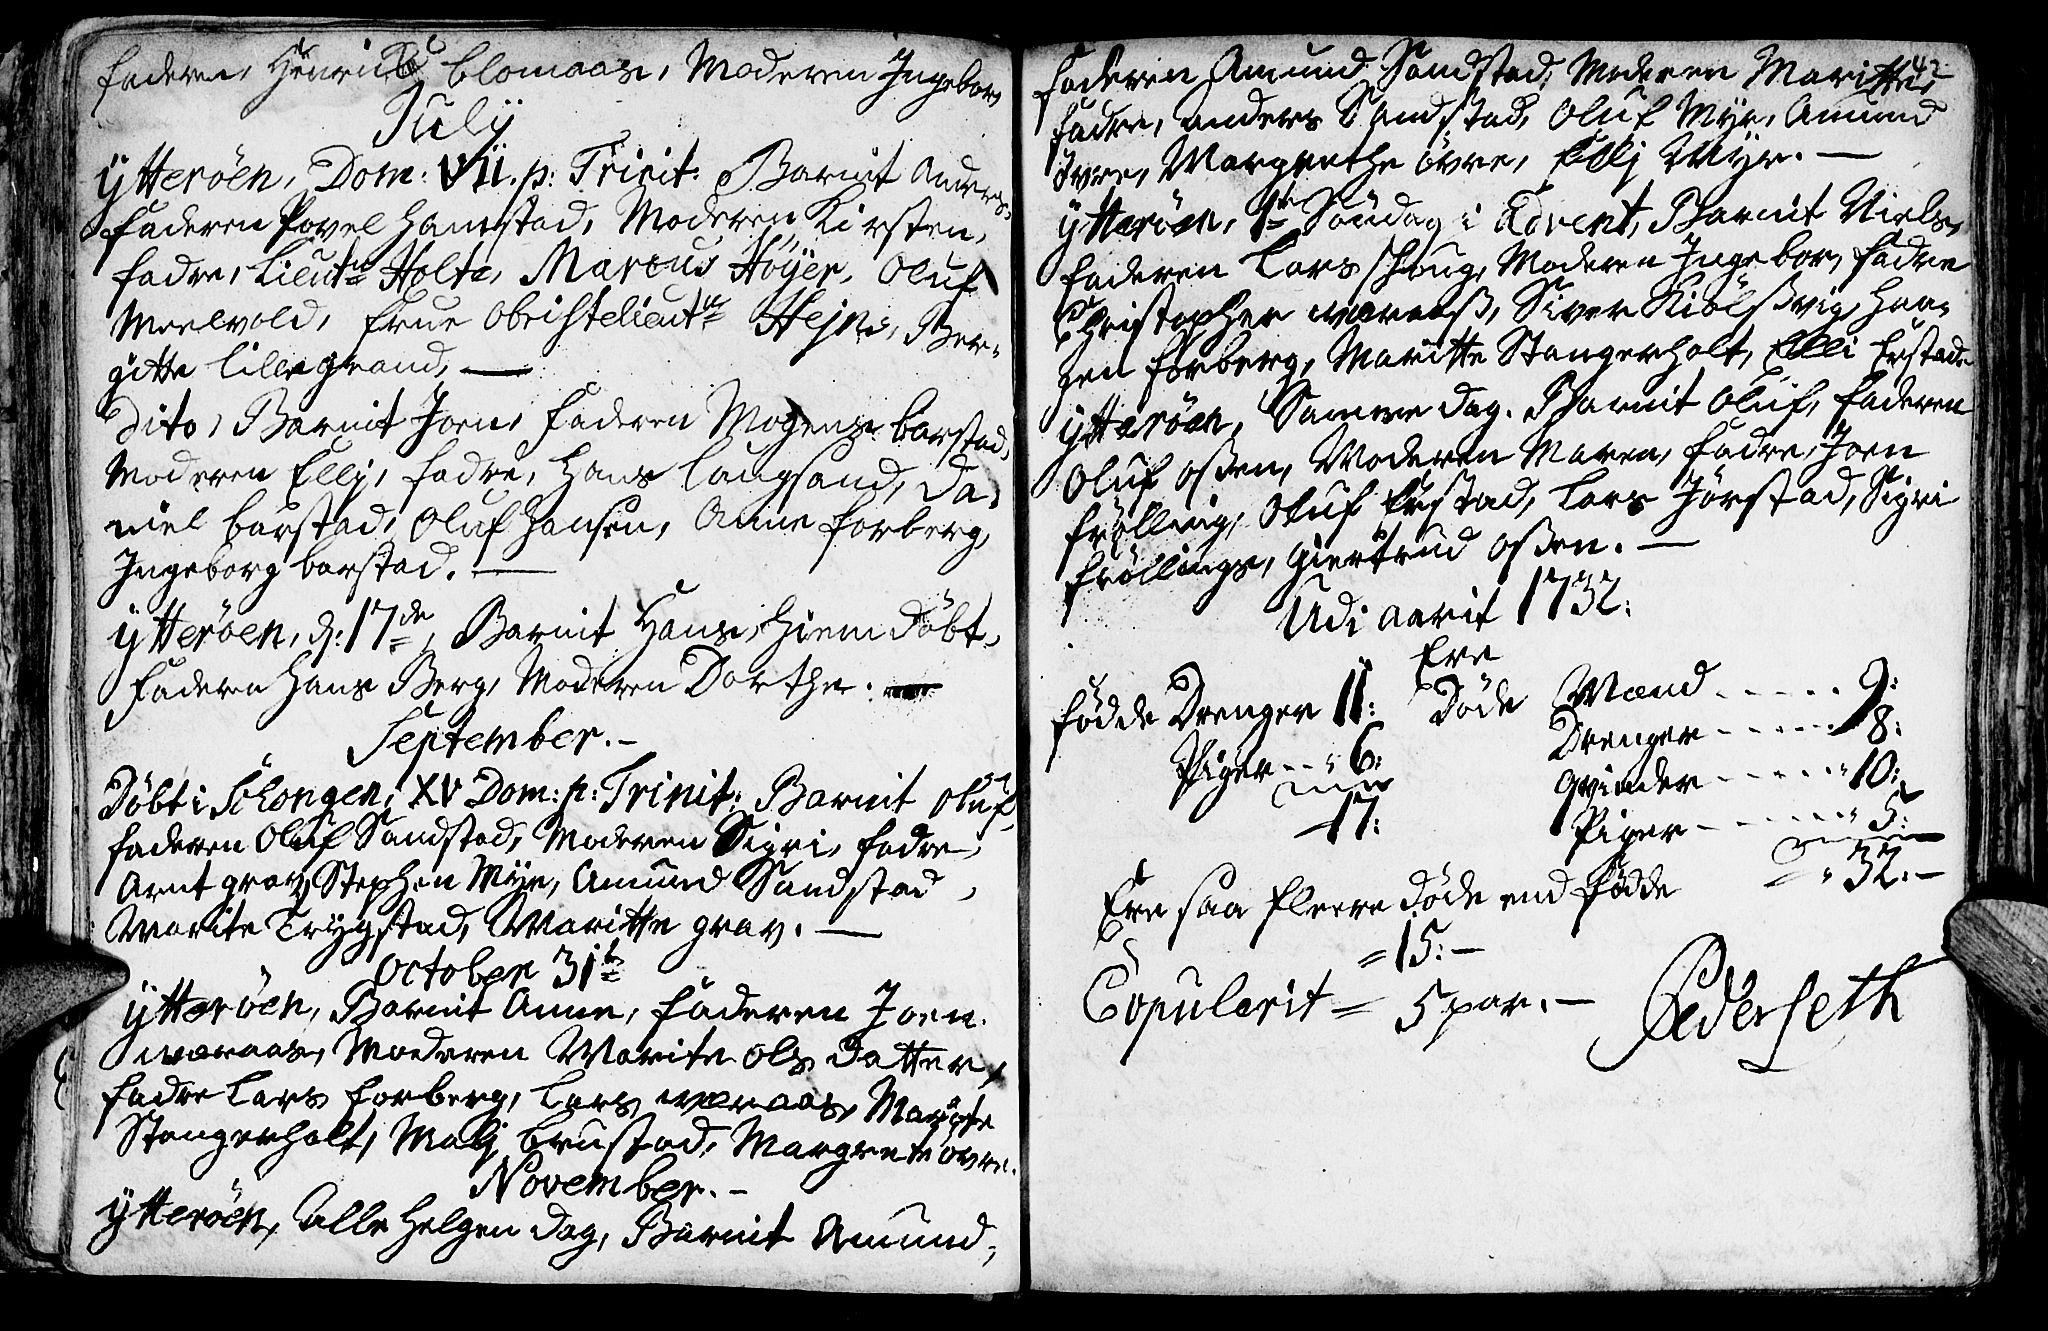 SAT, Ministerialprotokoller, klokkerbøker og fødselsregistre - Nord-Trøndelag, 722/L0215: Ministerialbok nr. 722A02, 1718-1755, s. 42